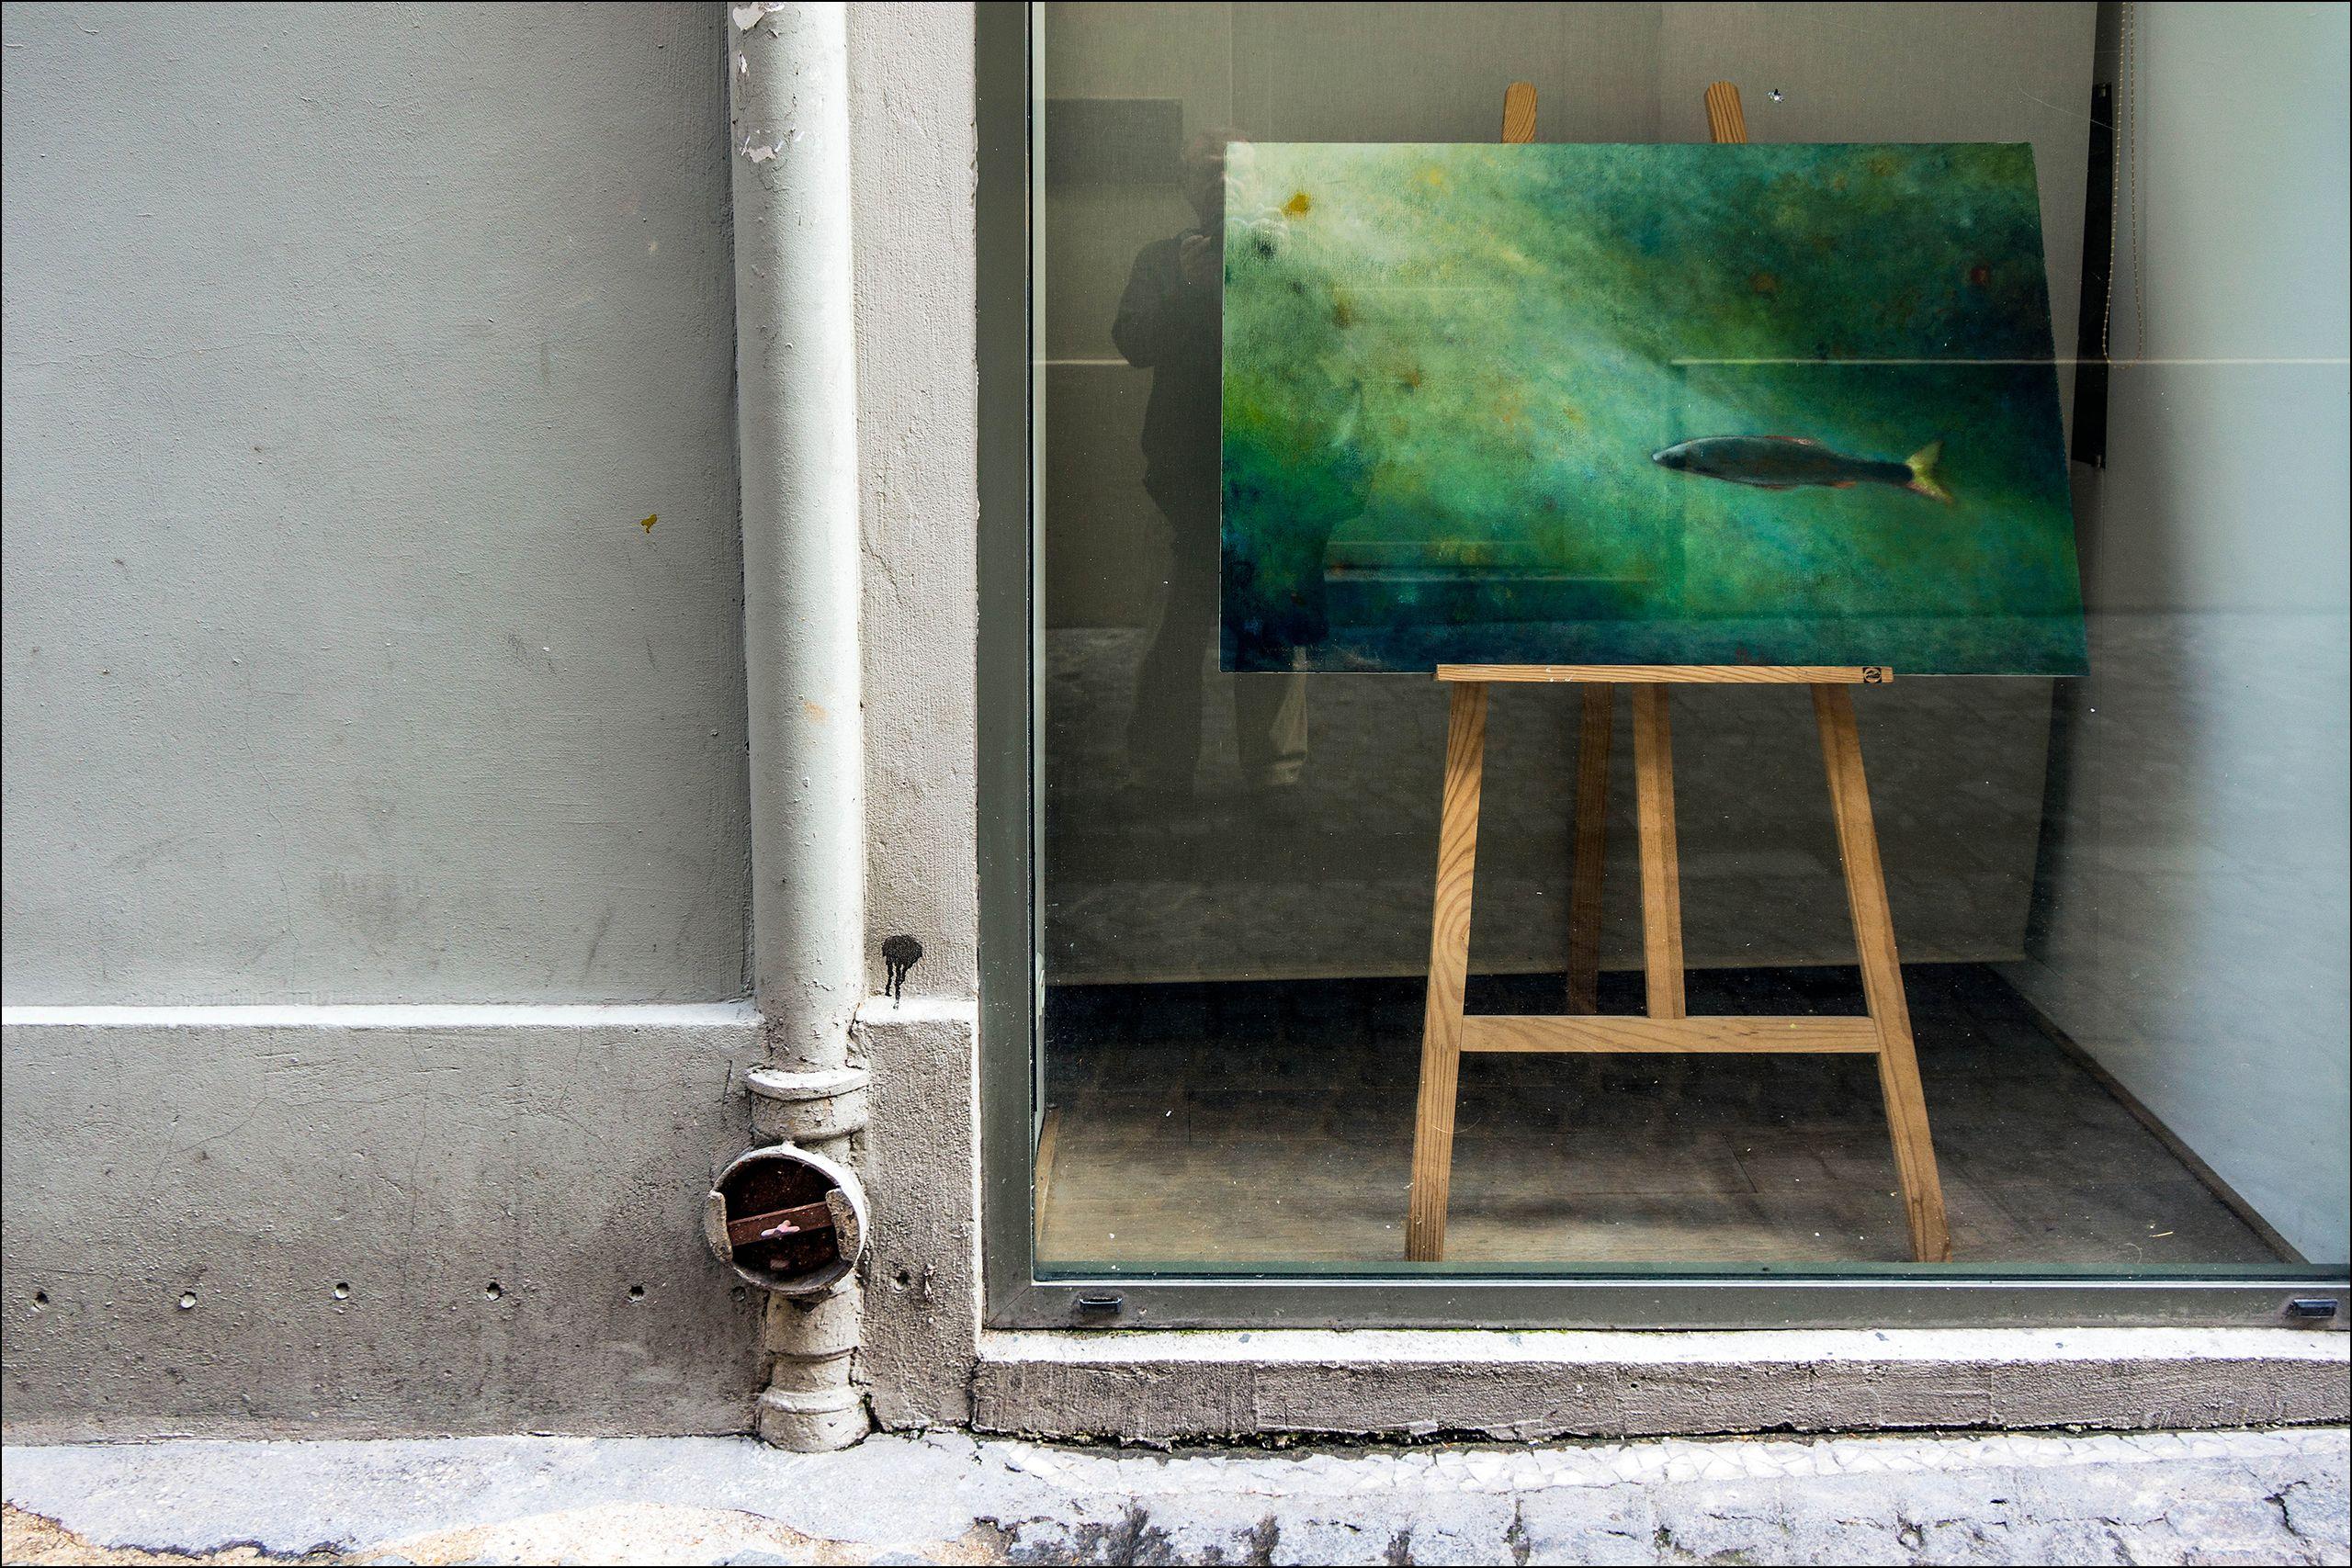 fish painting drain pipe Paris 72.jpg